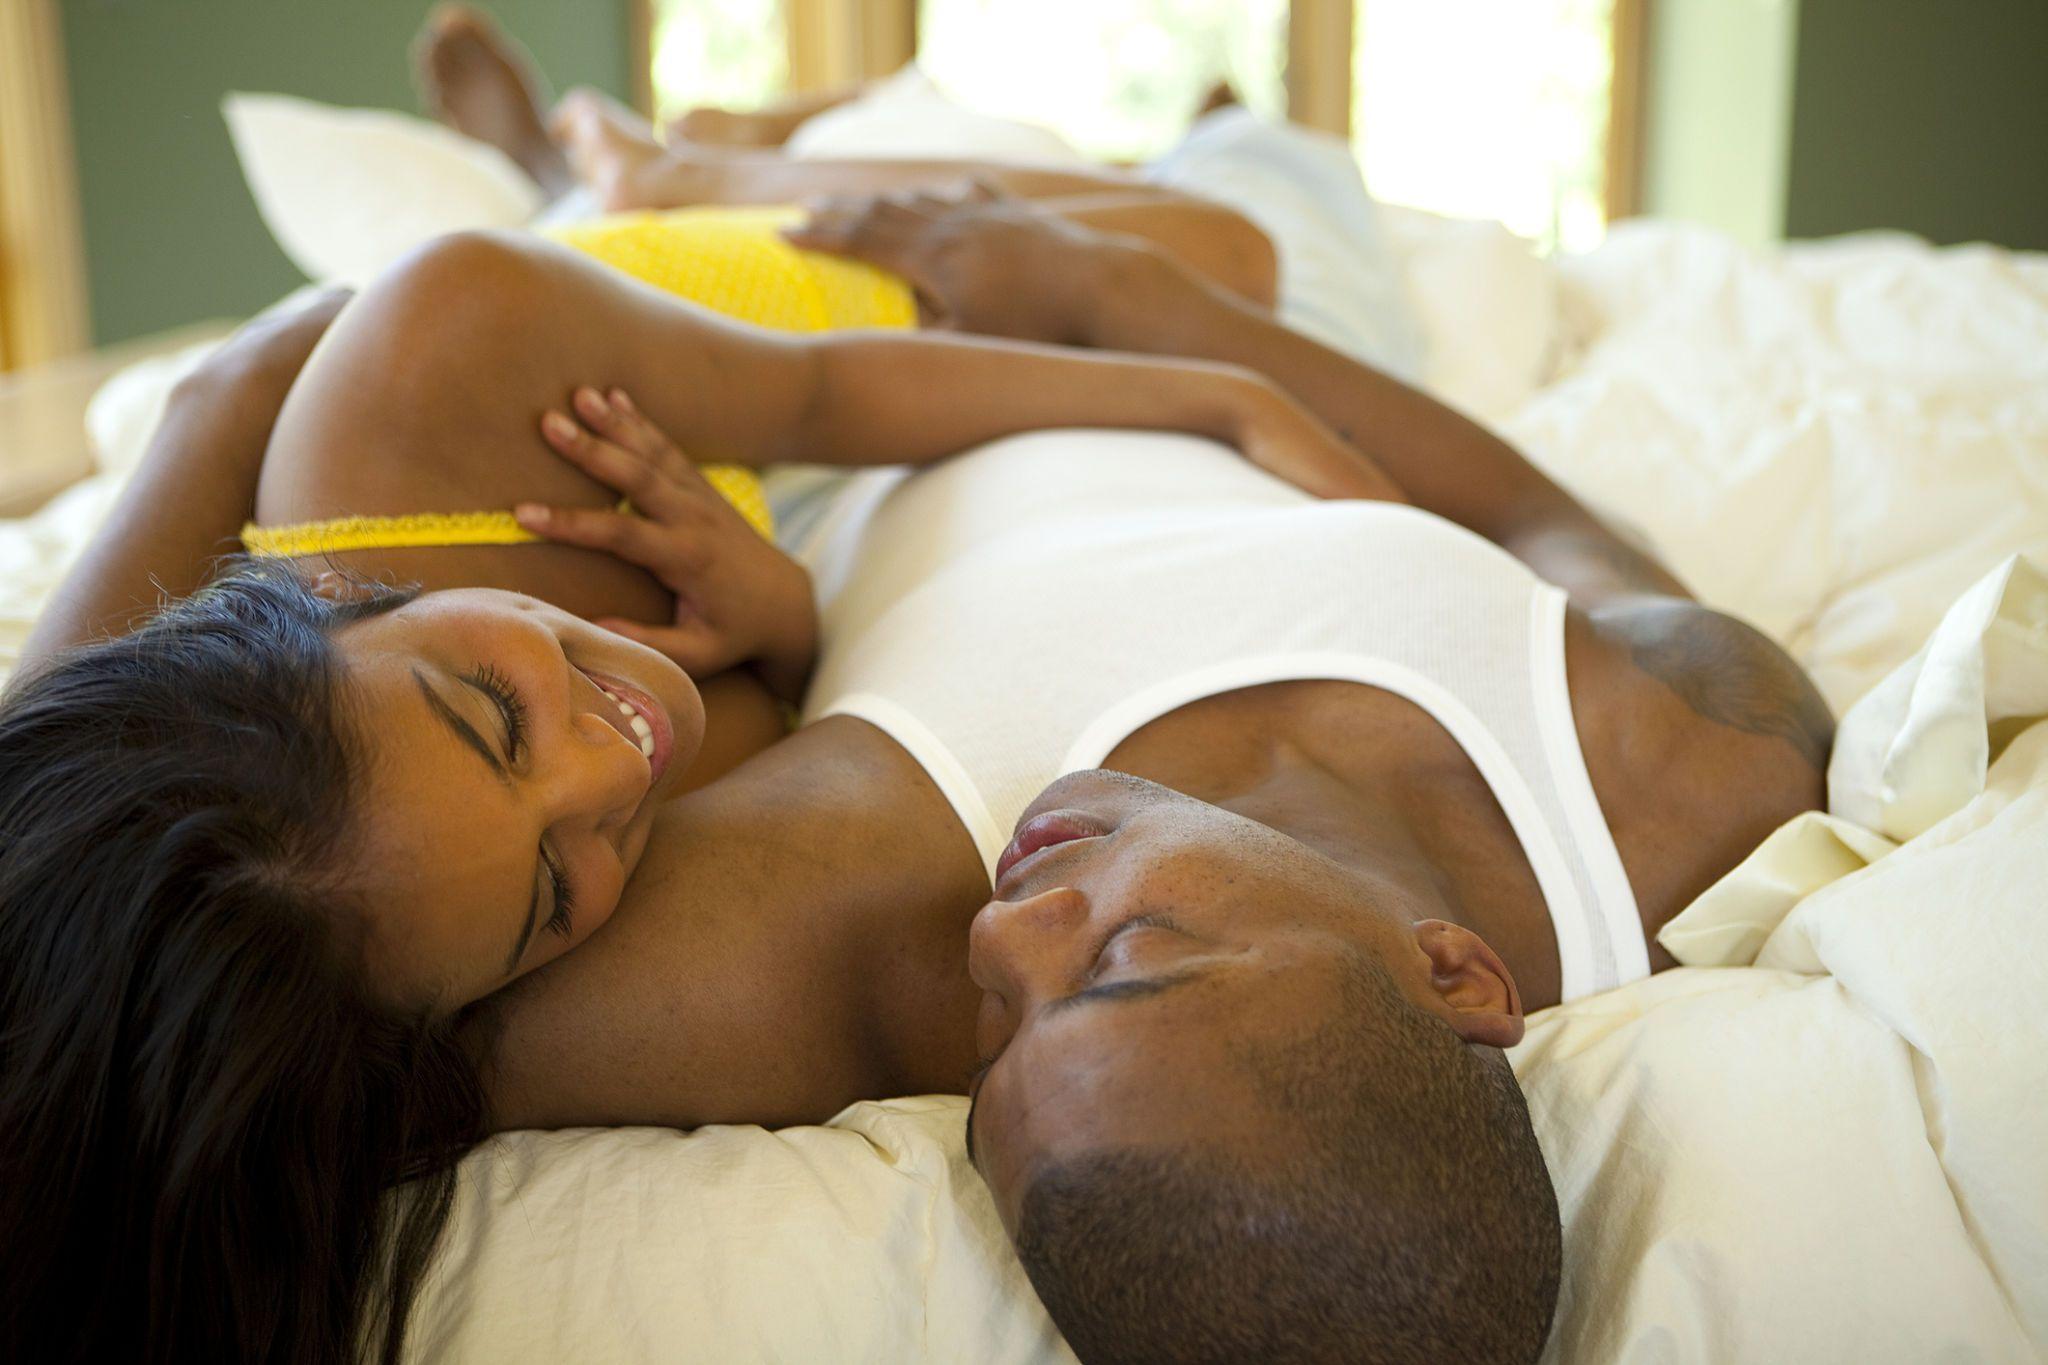 عادت های مهم زوج های بسیار داغ و رومانتیک - رابطه جنسی و مسائل زناشویی